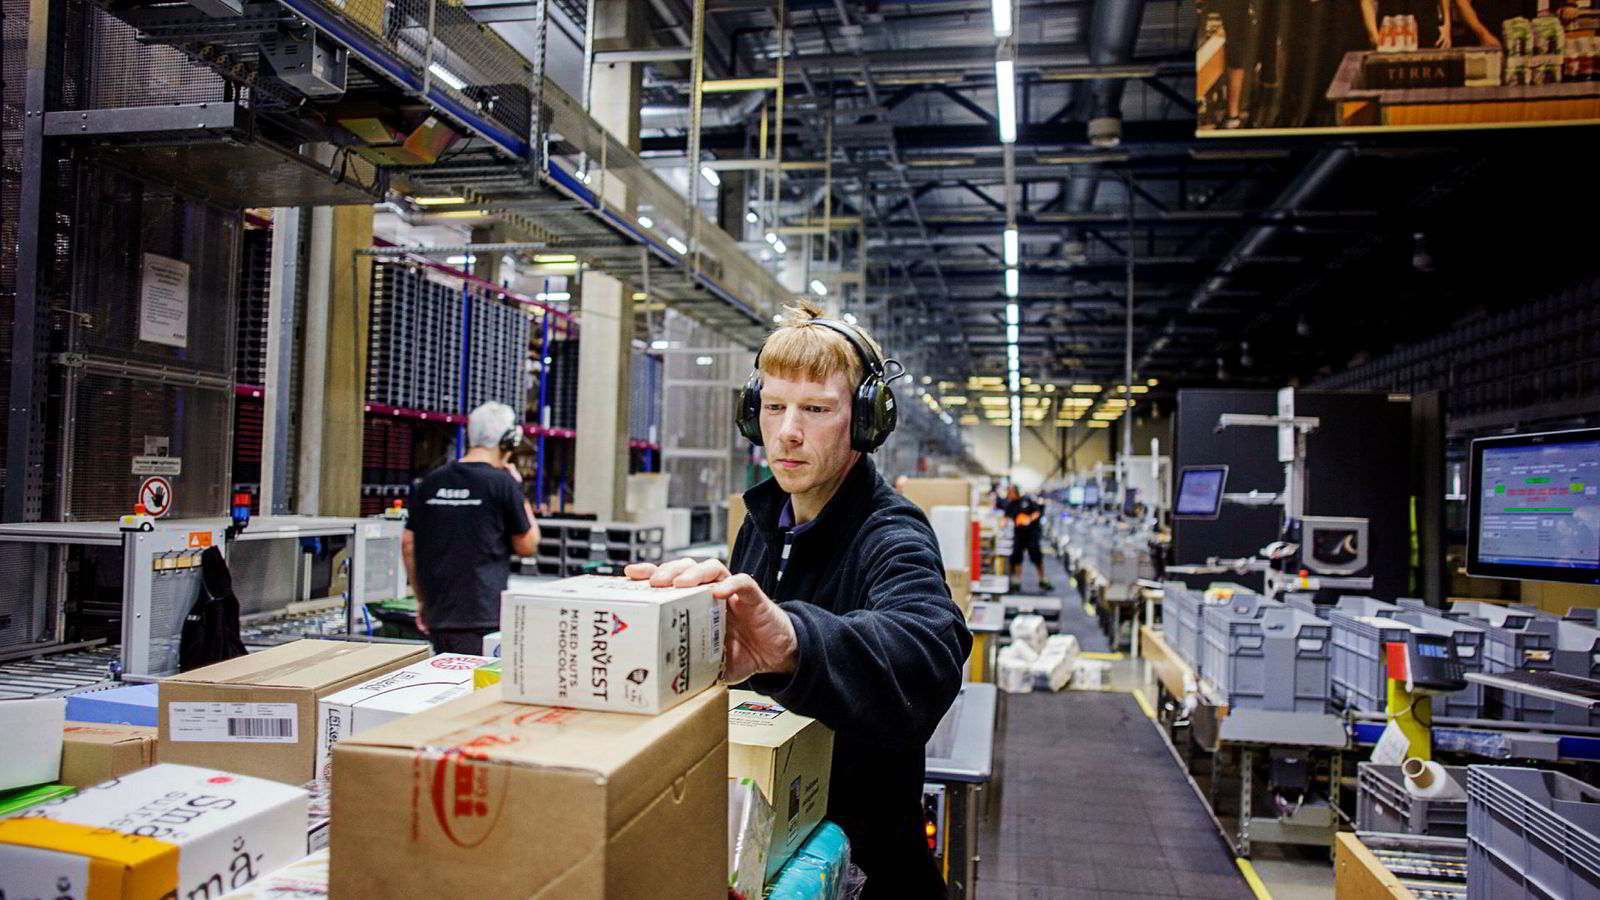 Ronny Gresdahl frykter foreløpig ikke å miste jobben sin på Asko, men vil vurdere karrierer i mer kvinnedominerte yrker dersom jobbsituasjonen skulle endre seg. Likestillingsombudet ønsker at flere skal tenke som dem.